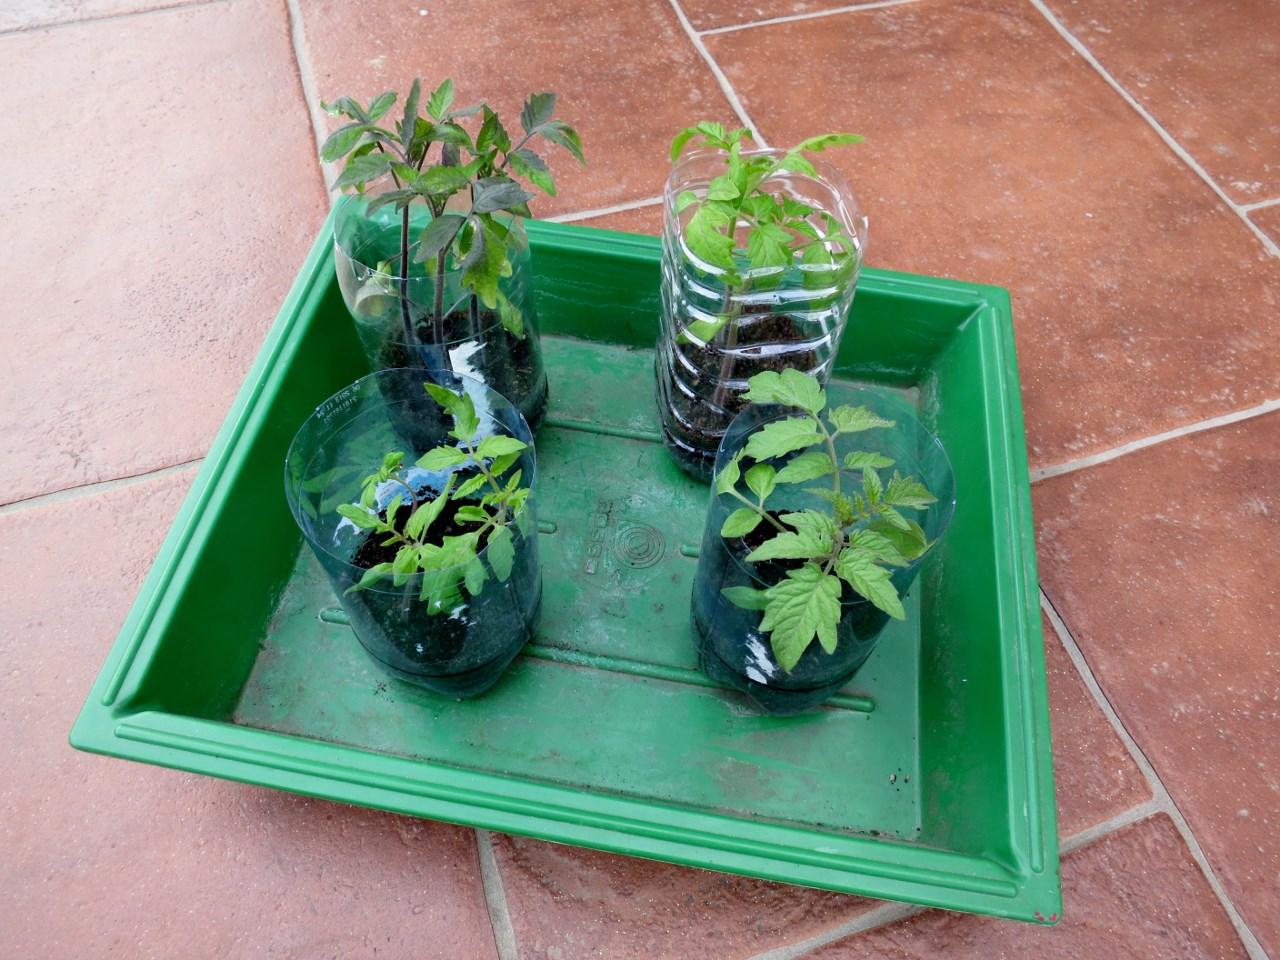 faut il pr f rer le semis en pleine terre ou en godets. Black Bedroom Furniture Sets. Home Design Ideas